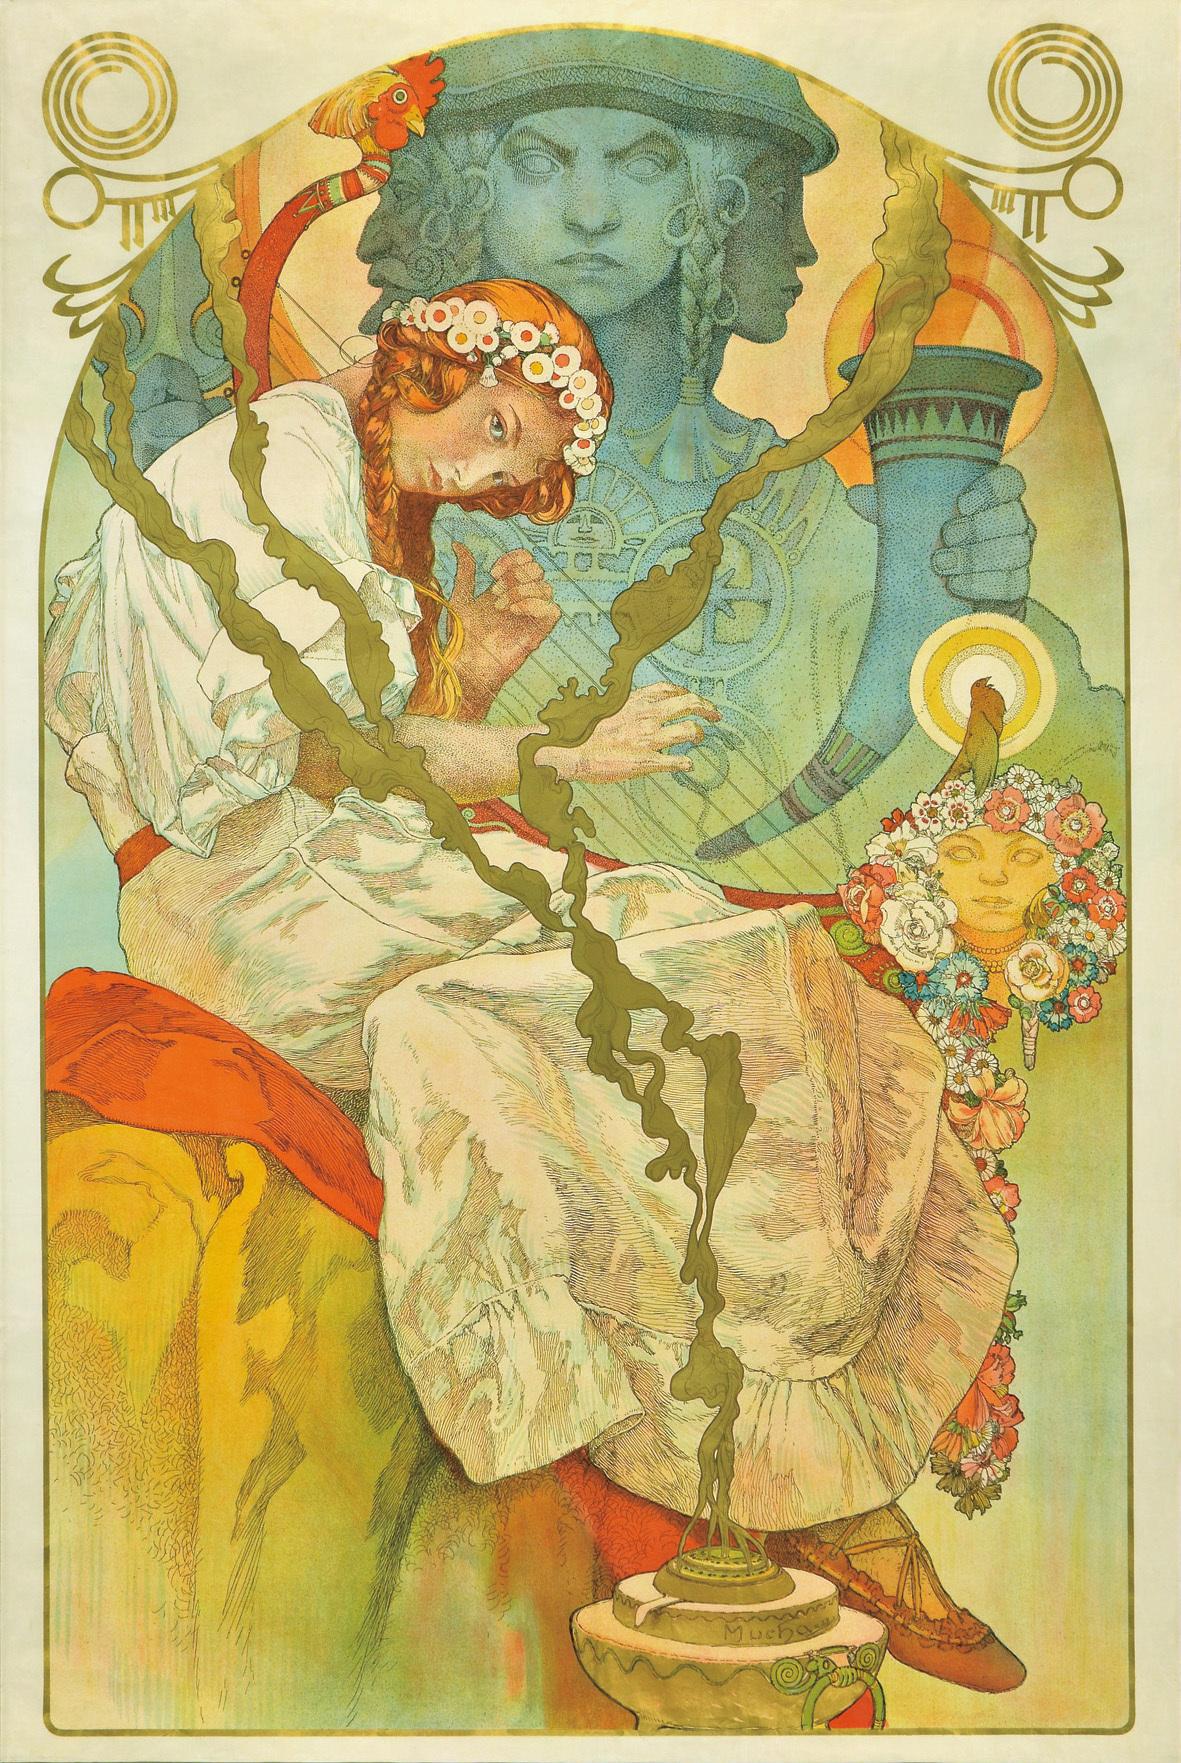 ポスター「《スラヴ叙事詩》展」(部分)1928年/リトグラフ